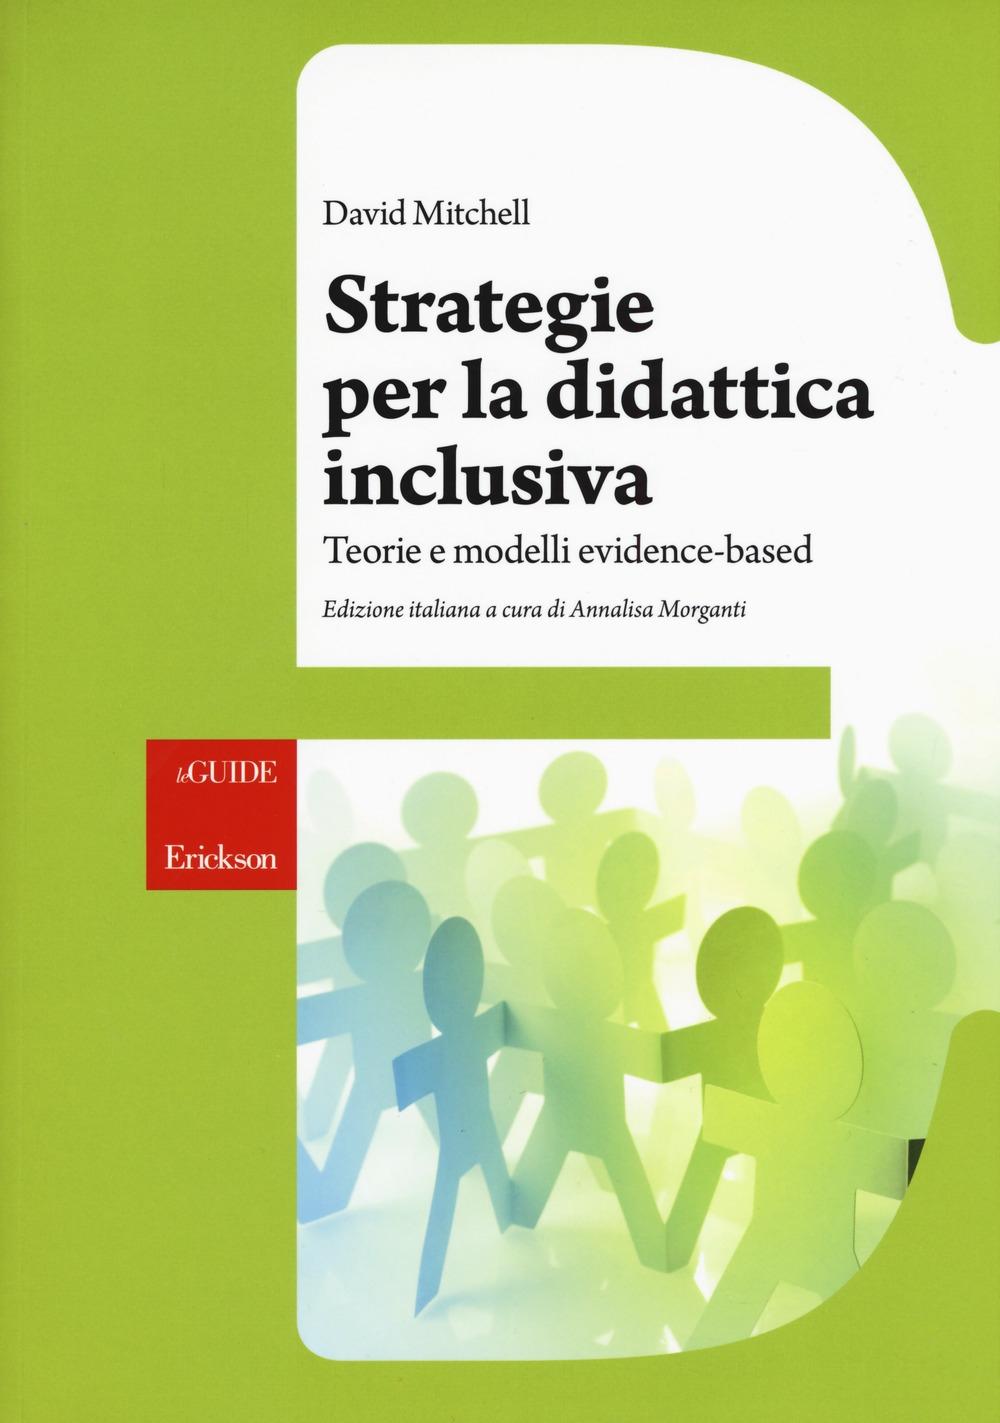 Strategie per la didattica inclusiva. Teorie e modelli